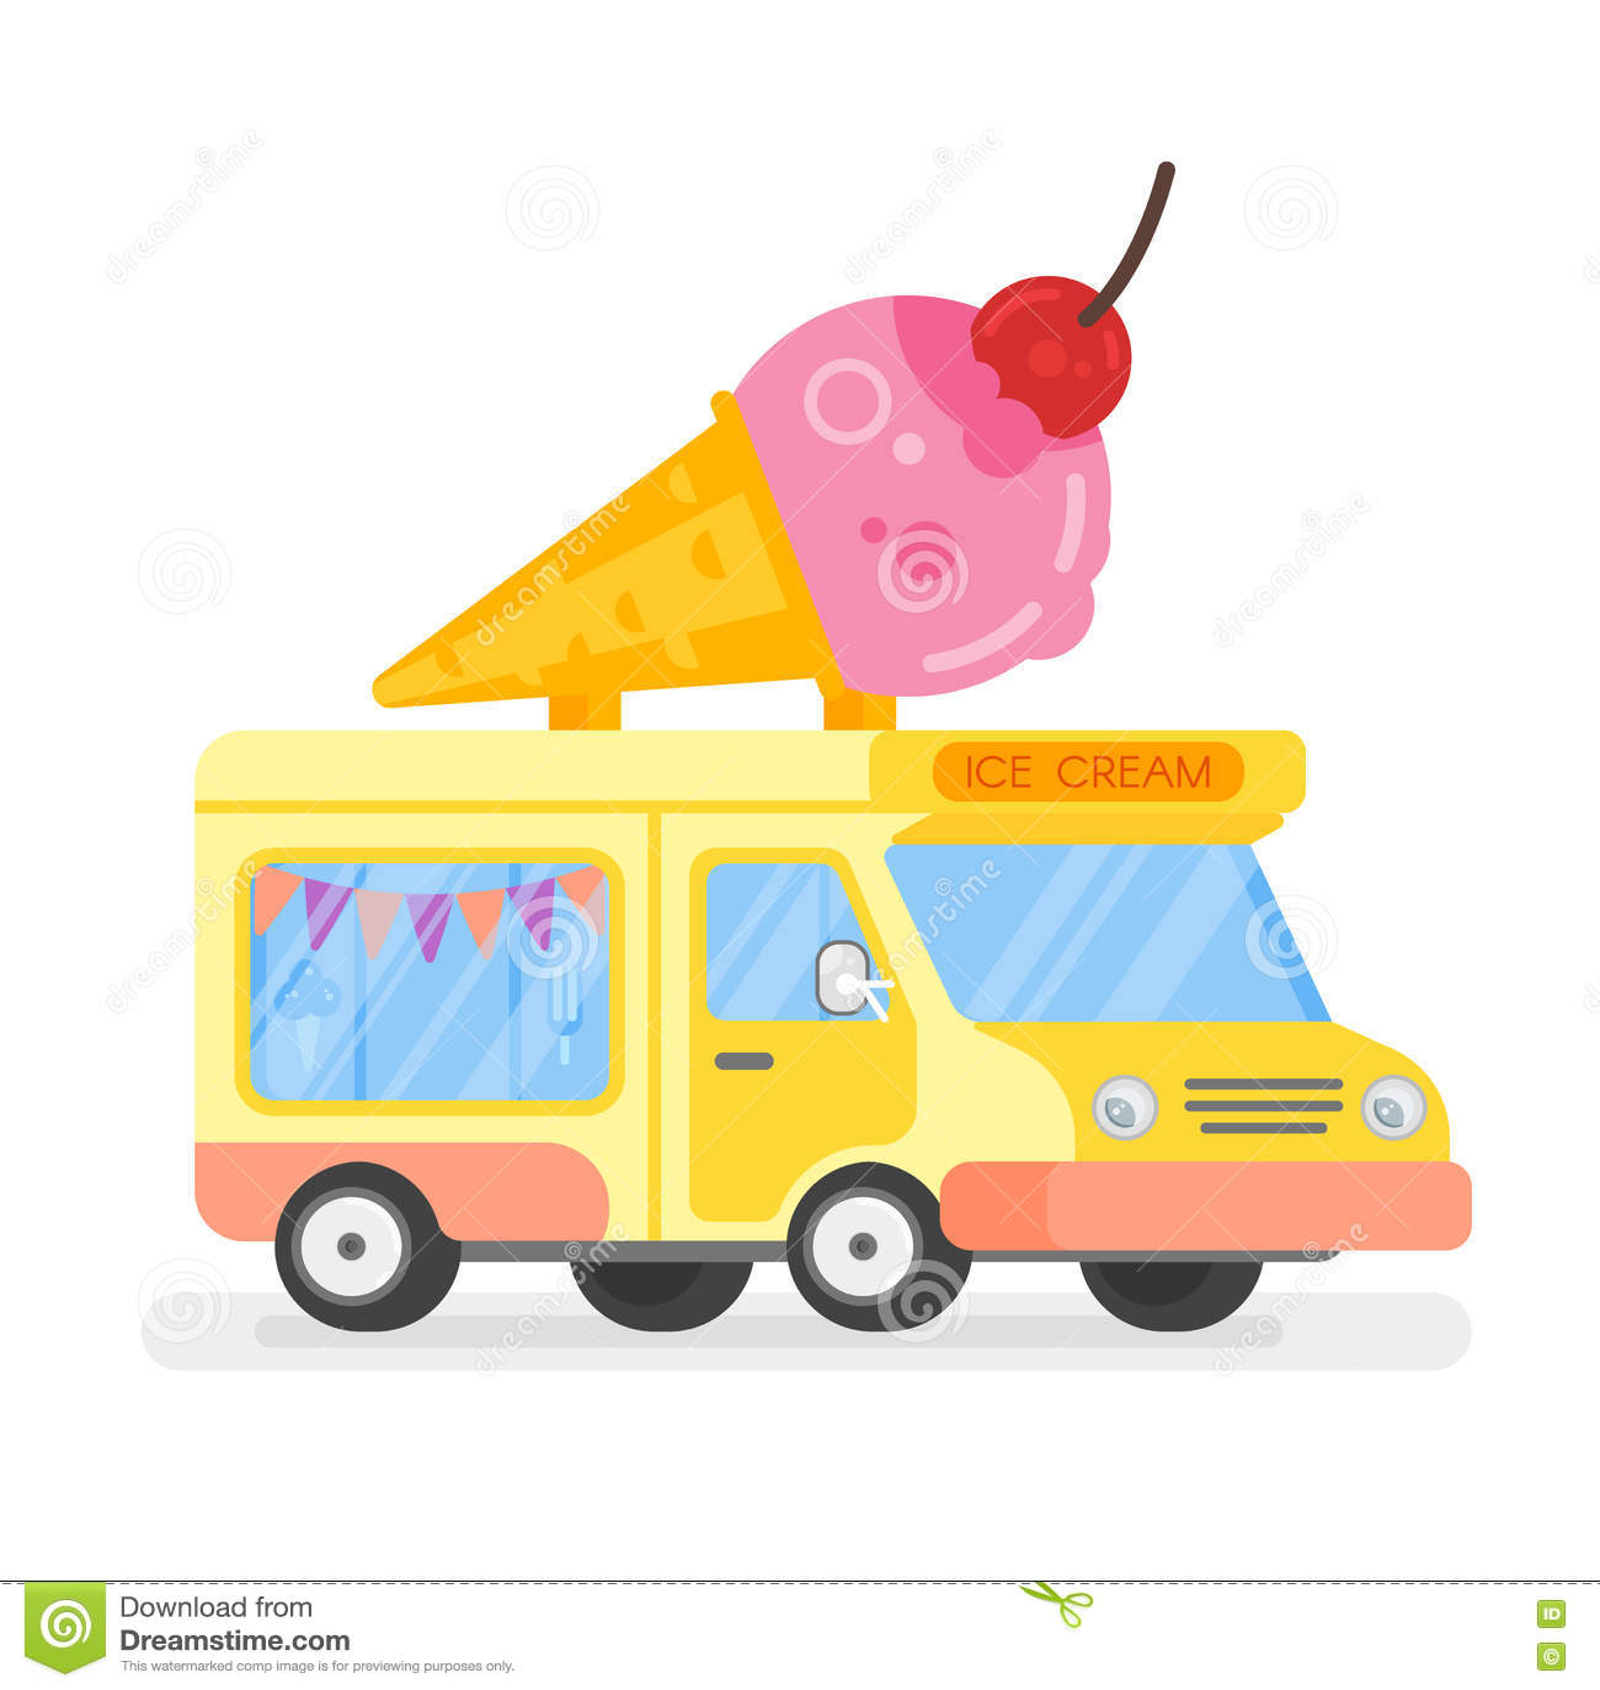 Διανυσματική επίπεδη απεικόνιση ύφους του ζωηρόχρωμου αυτοκινήτου παγωτού με το βισμούθιο